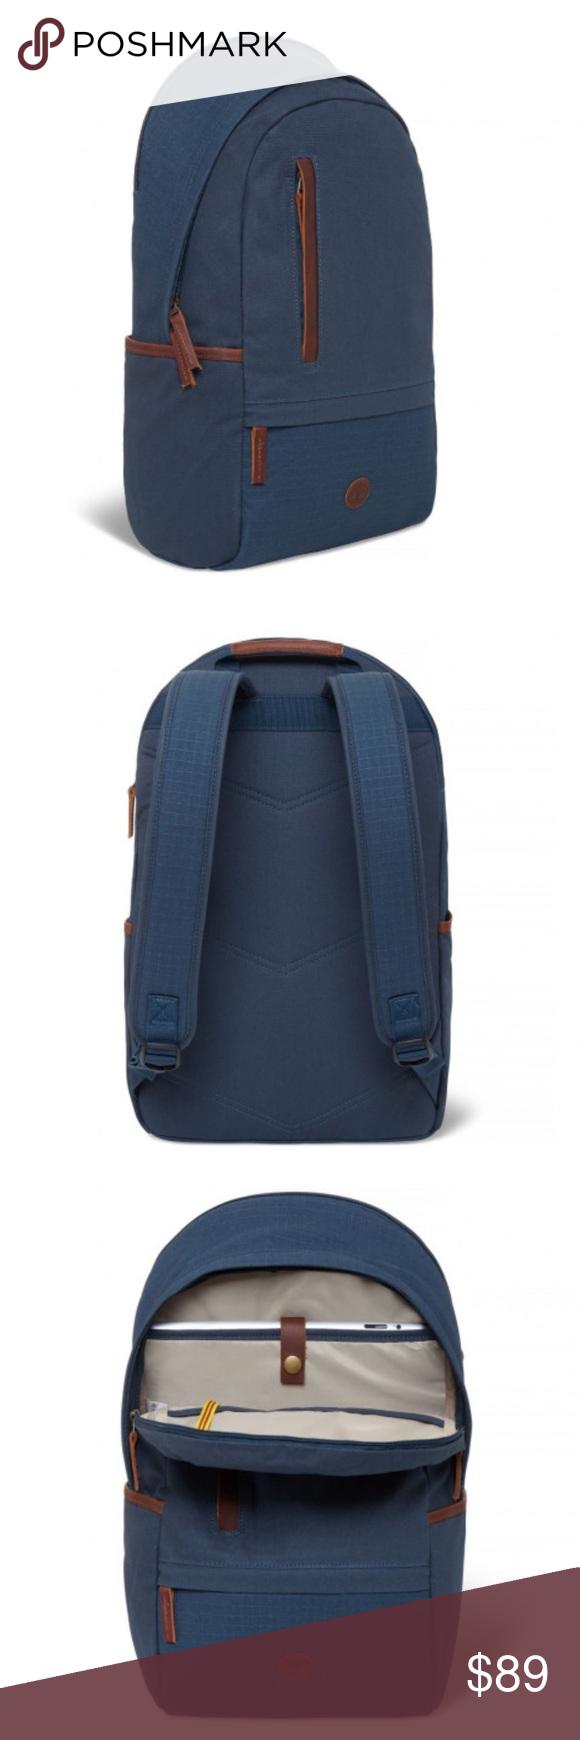 670f4723da TIMBERLAND MEN'S COHASSET CLASSIC BACKPACK - Navy - Men's Navy Backpack -  Two adjustable shoulder straps